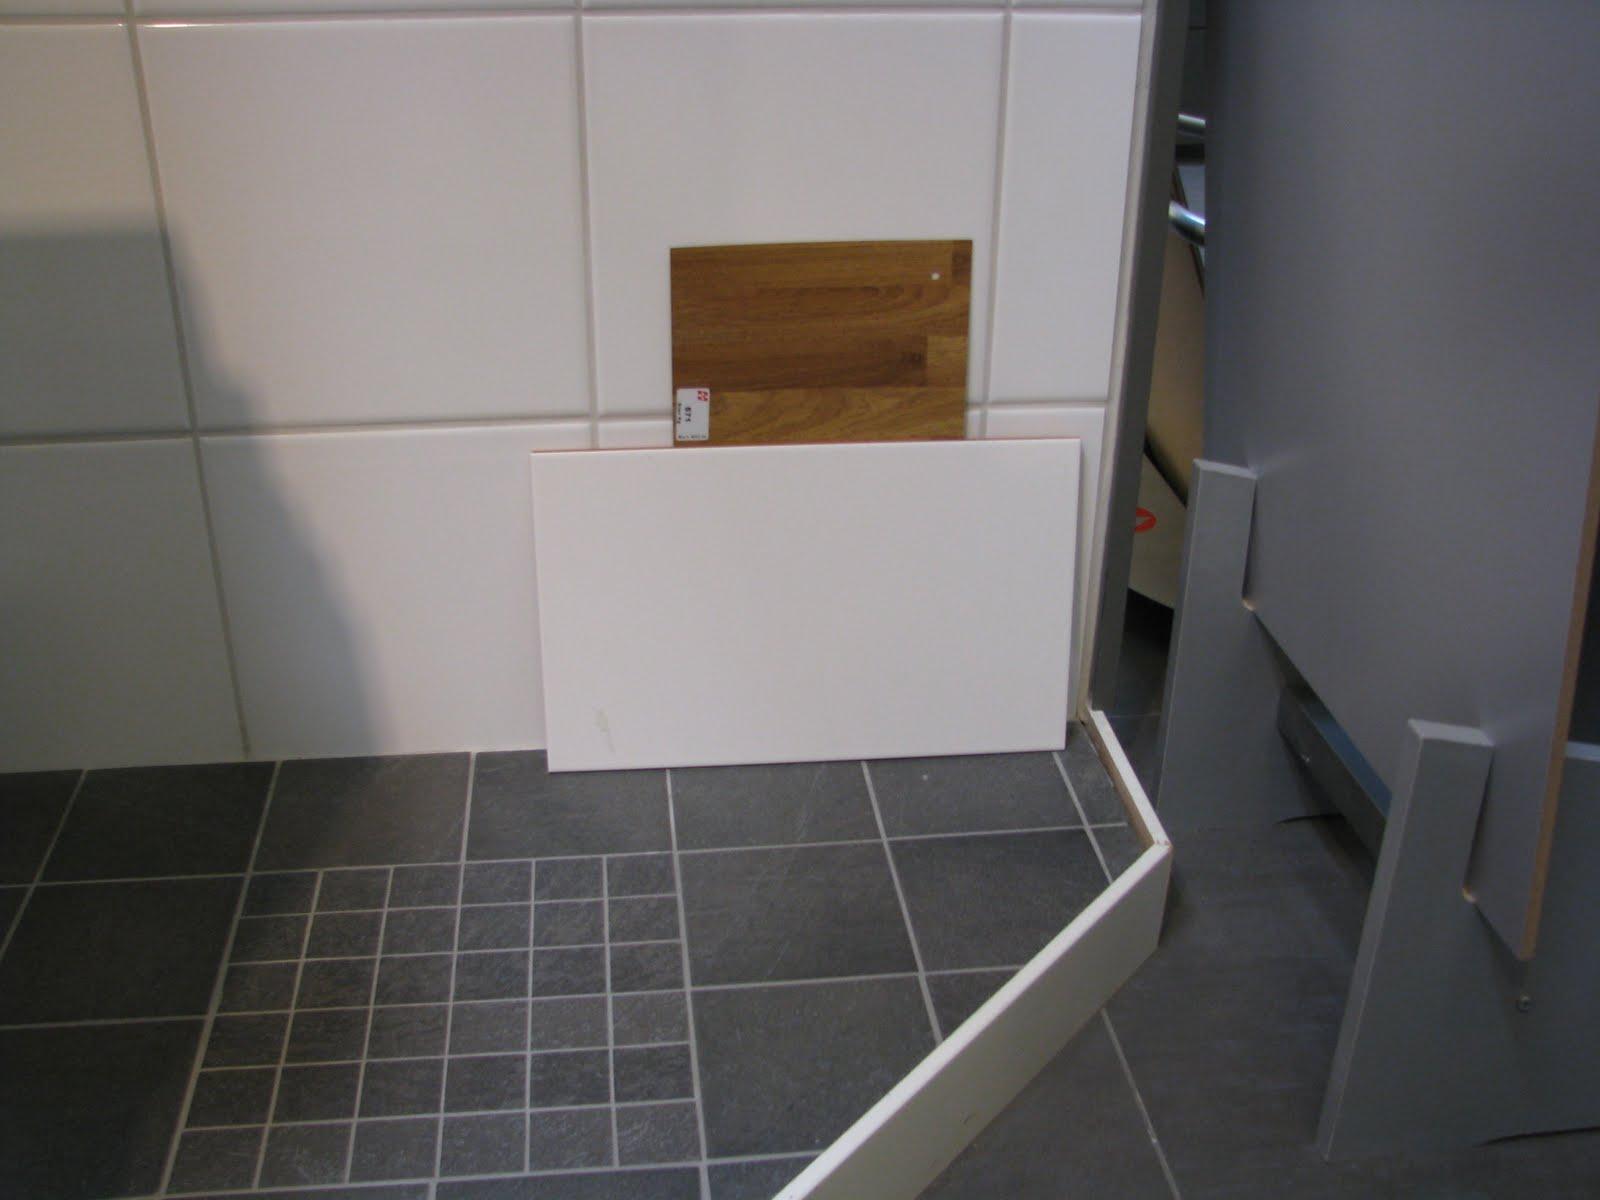 Our House on Hults Höjd: Klinker och kakel